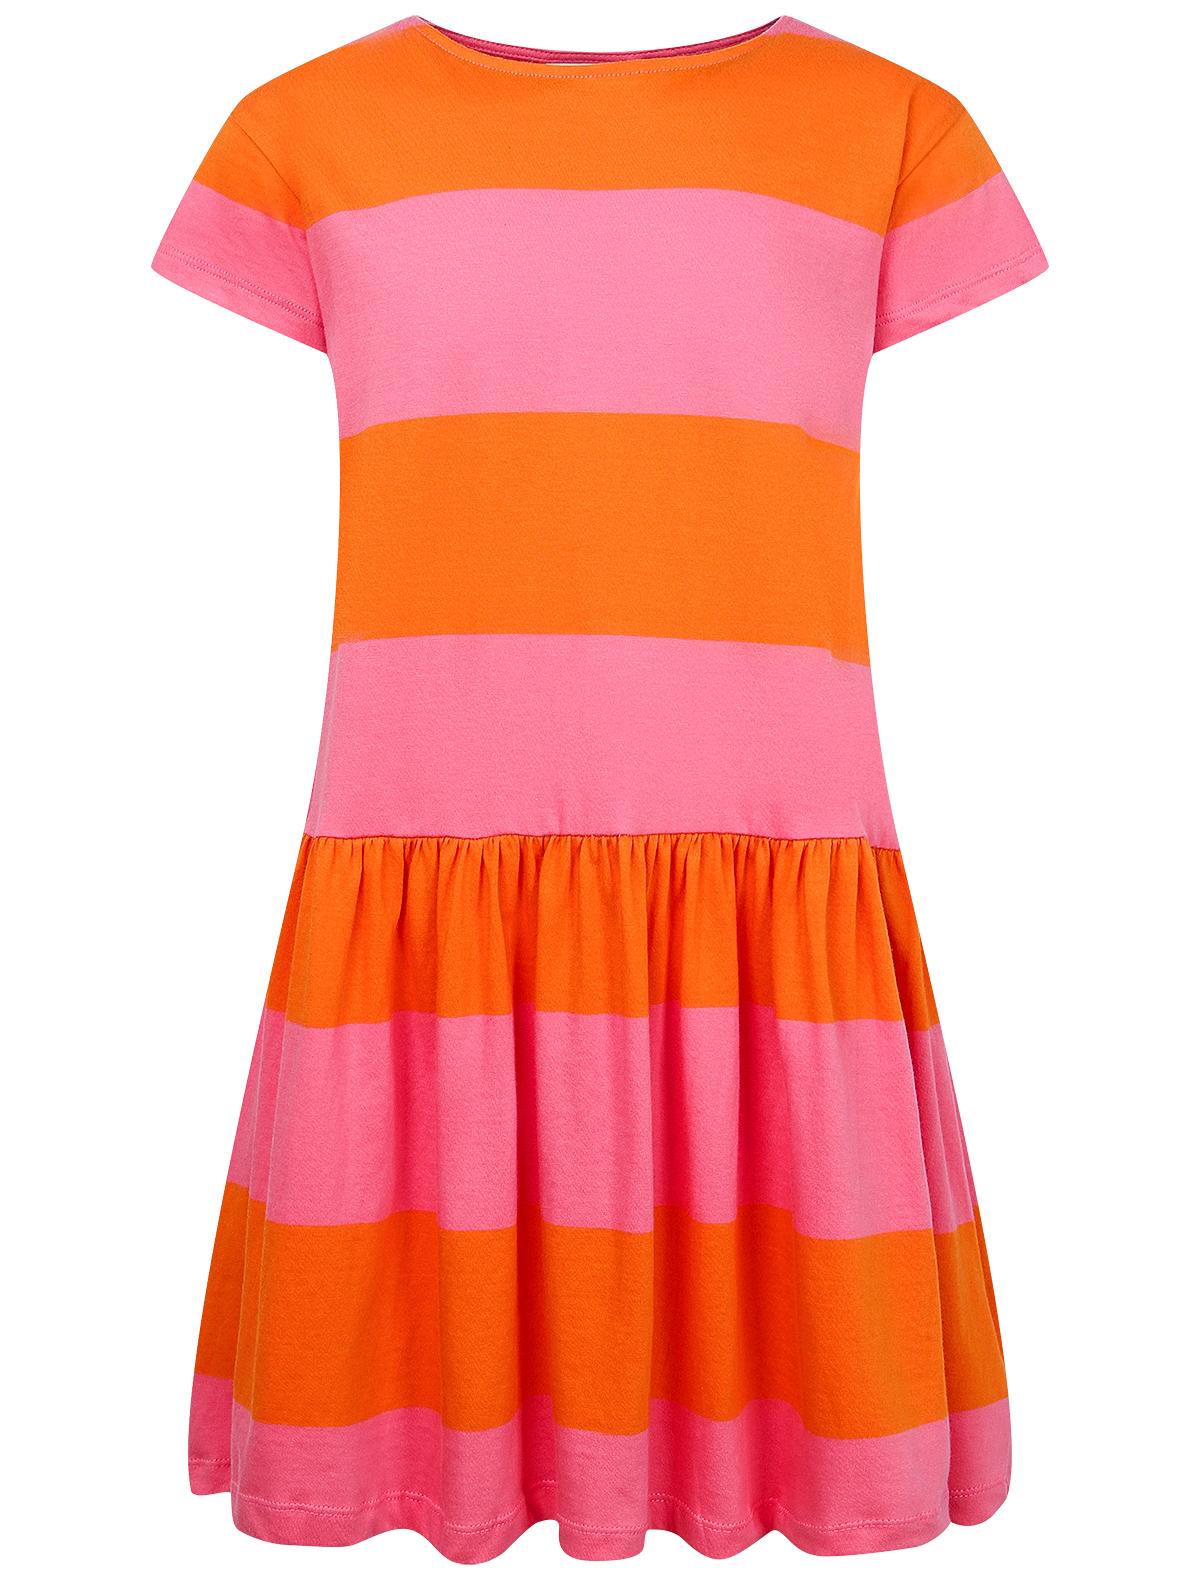 Купить 2211988, Платье MOLO, оранжевый, Женский, 1054609076392